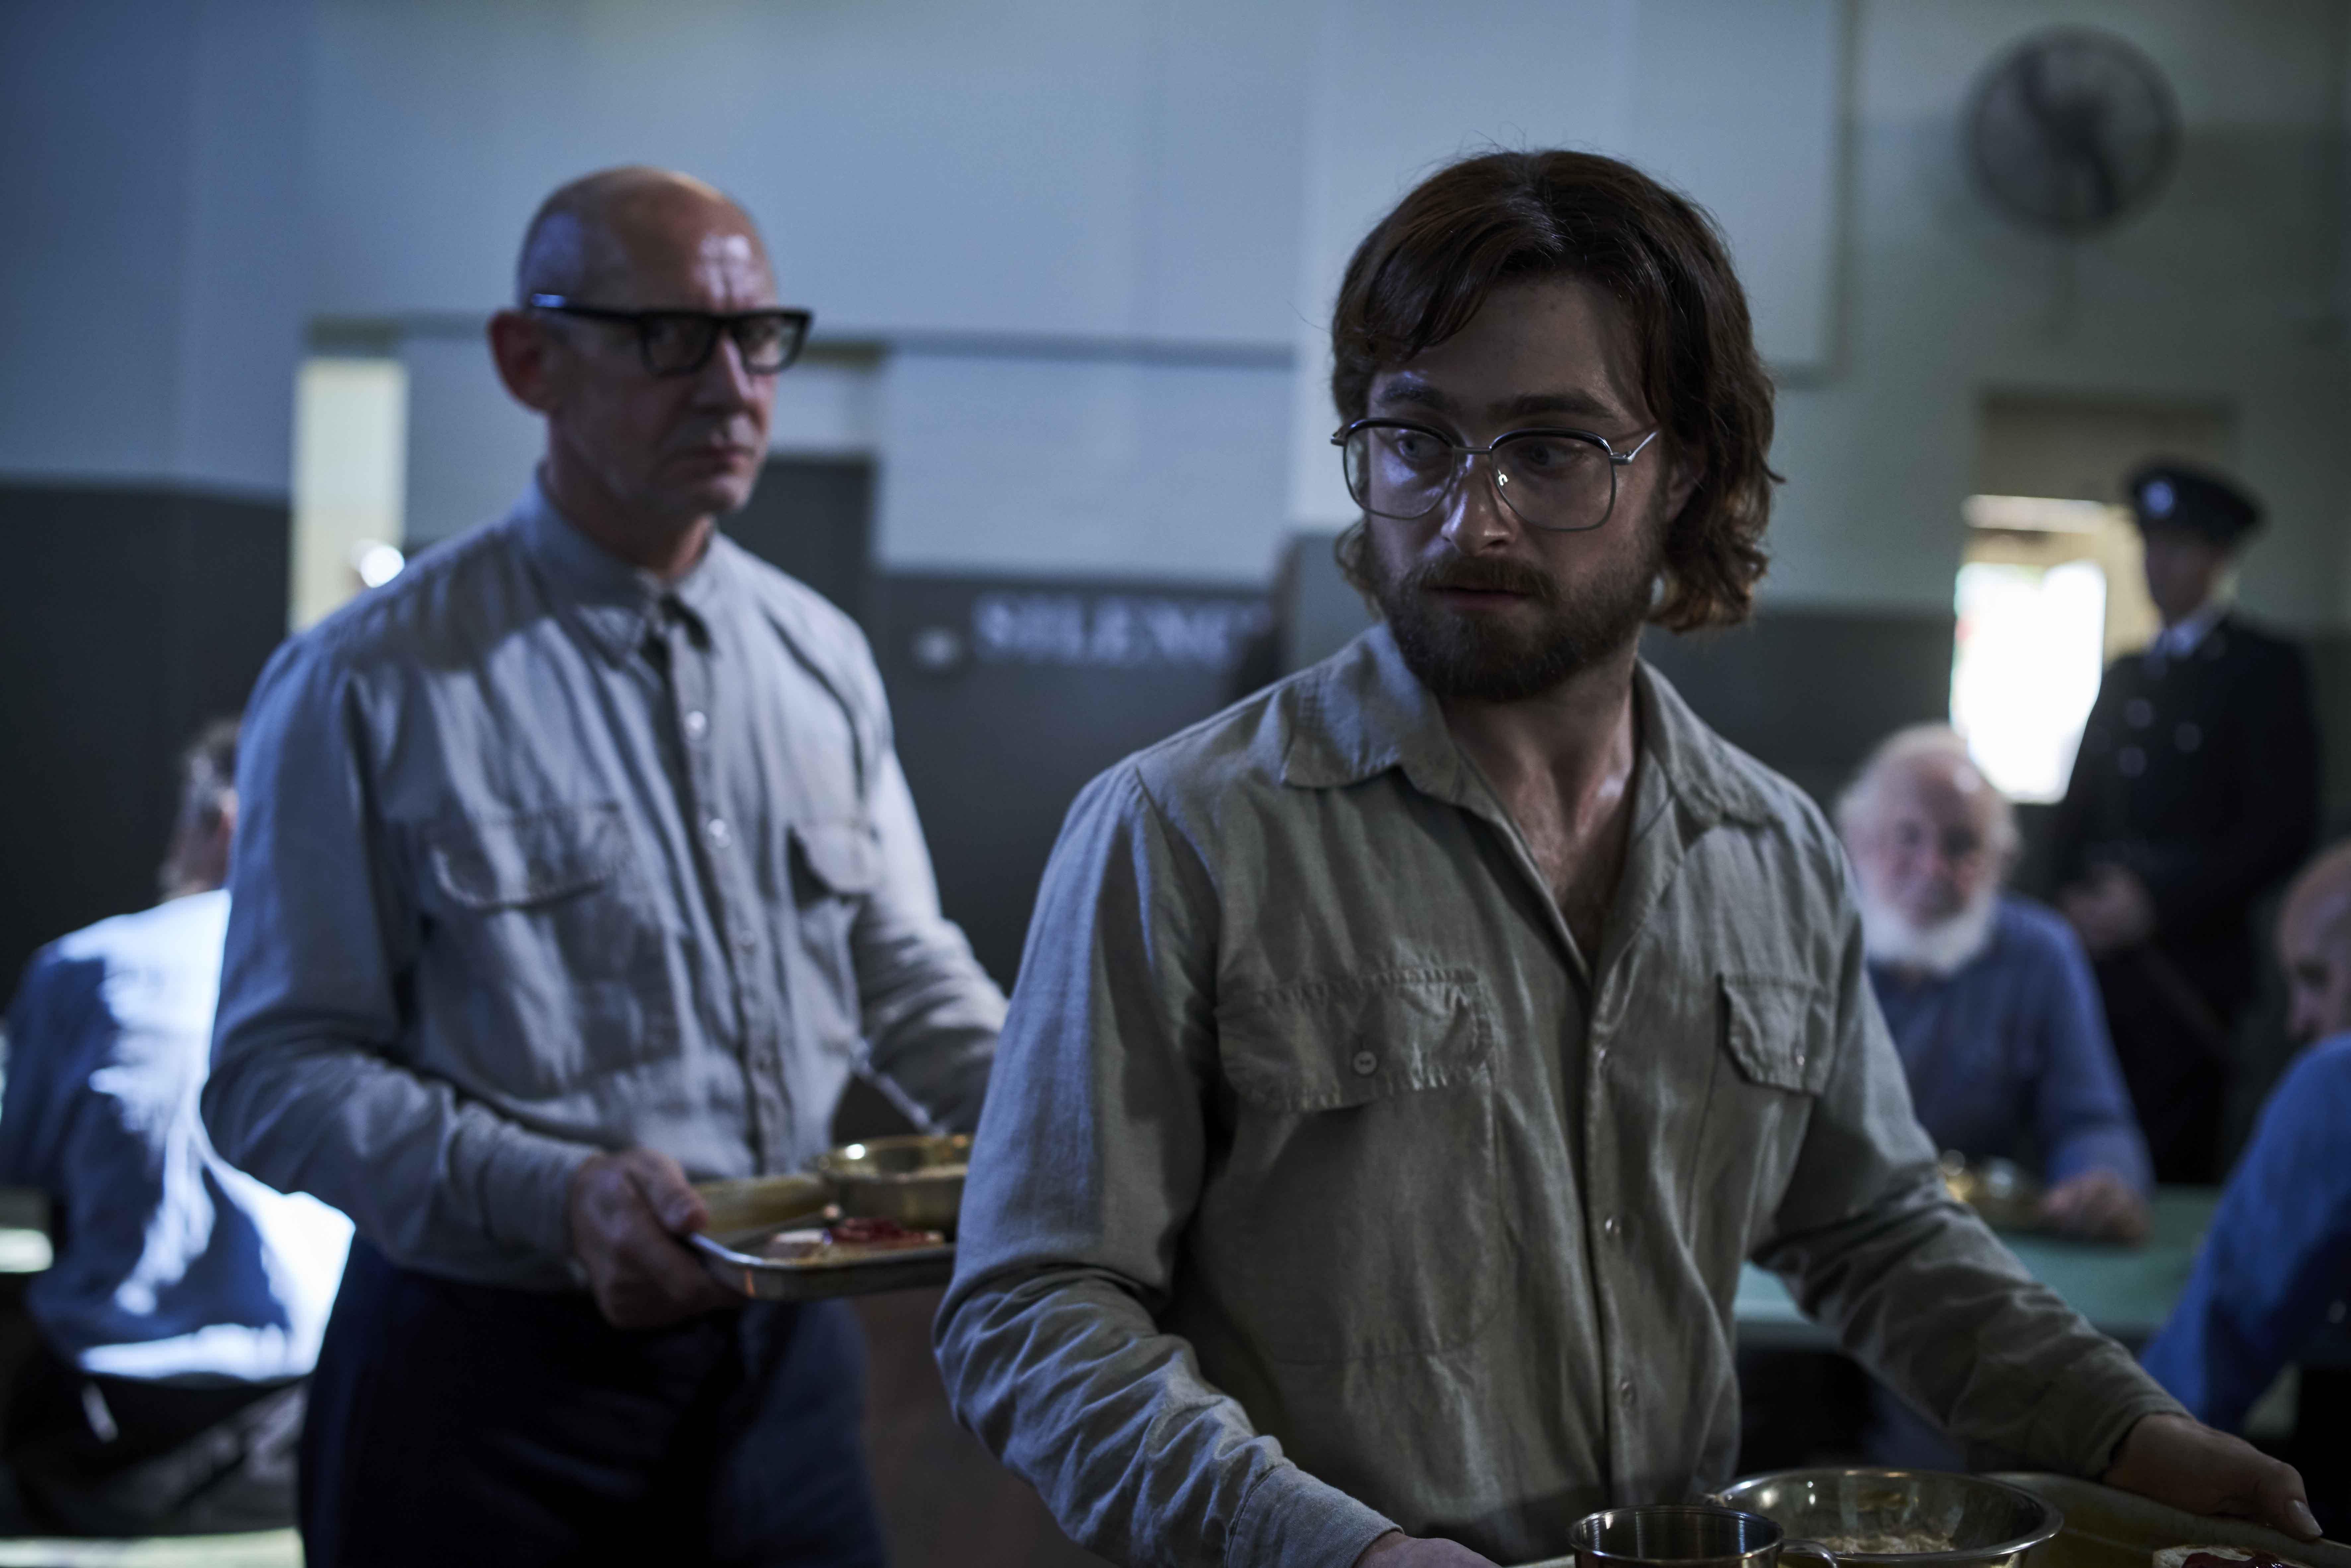 丹尼爾雷德克里夫(右)接受《哈利波特》製片大衛巴隆的邀約,與飾演奎若教授的伊恩哈特(左),攜手演出